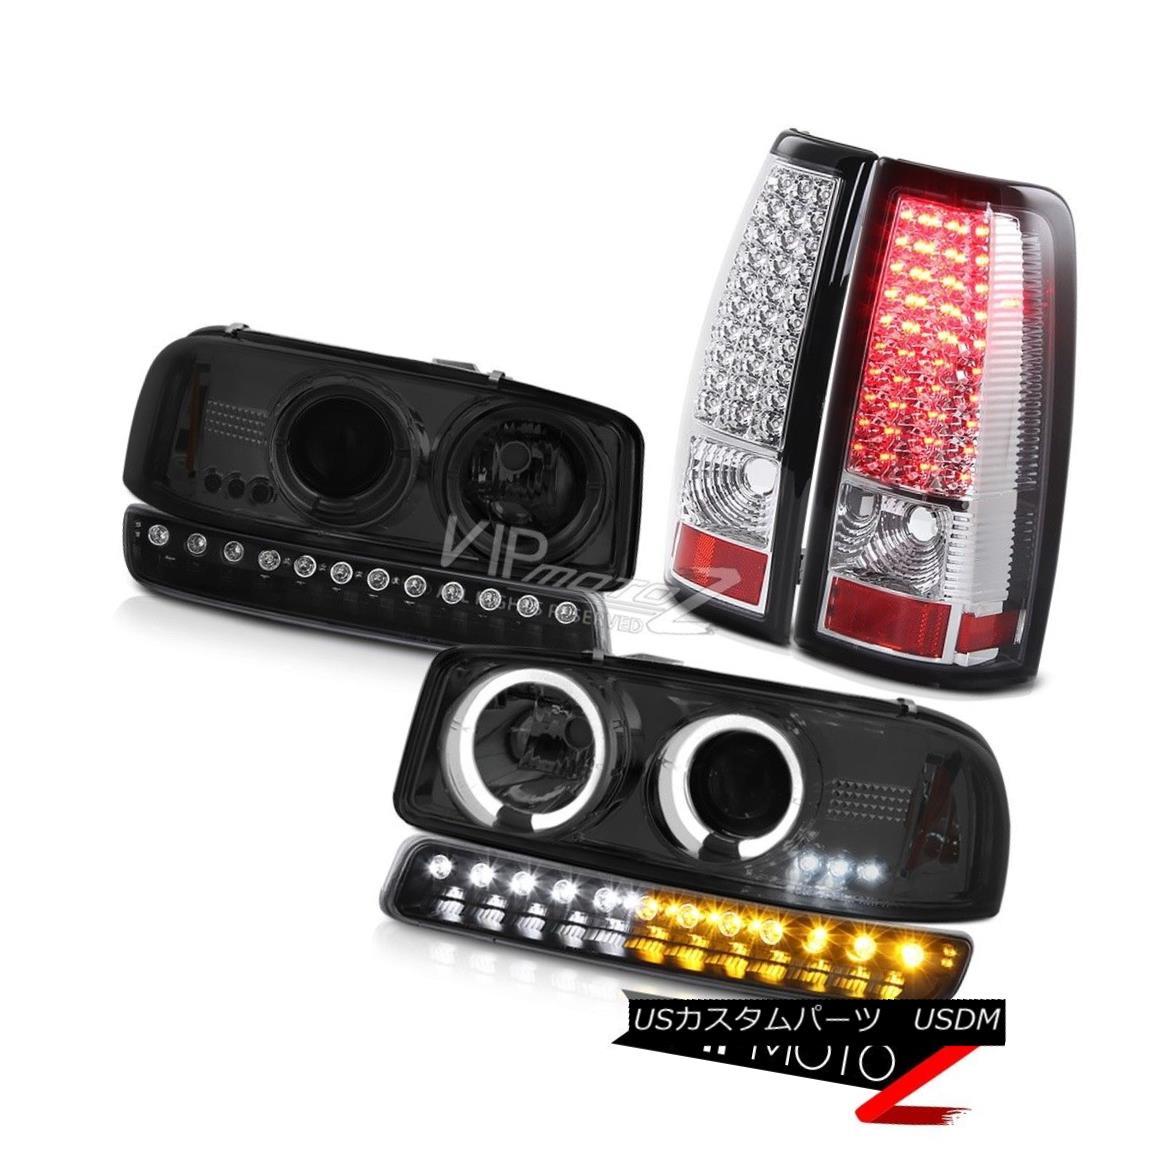 ヘッドライト 99 00 01 02 Sierra 4.3L Chrome smd tail brake lamps signal light headlamps LED 99 00 01 02シエラ4.3Lクロムsmdテールブレーキランプ信号ライトヘッドランプLED